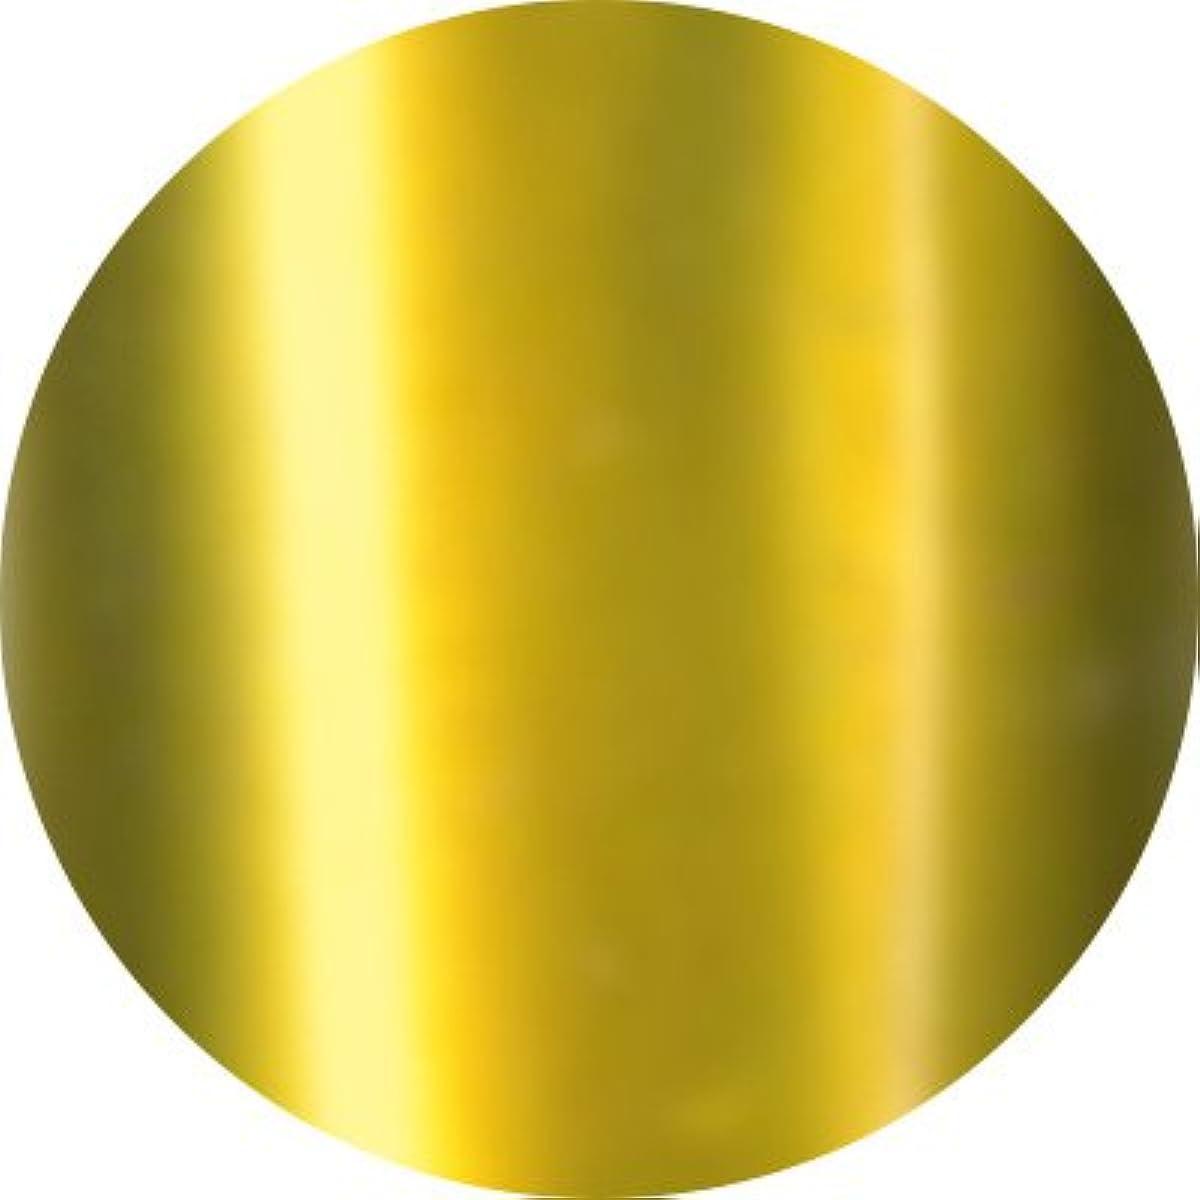 機会散逸原理Jewelry jel(ジュエリージェル) カラージェル 5ml<BR>ピッカピカメタリック MKゴールド